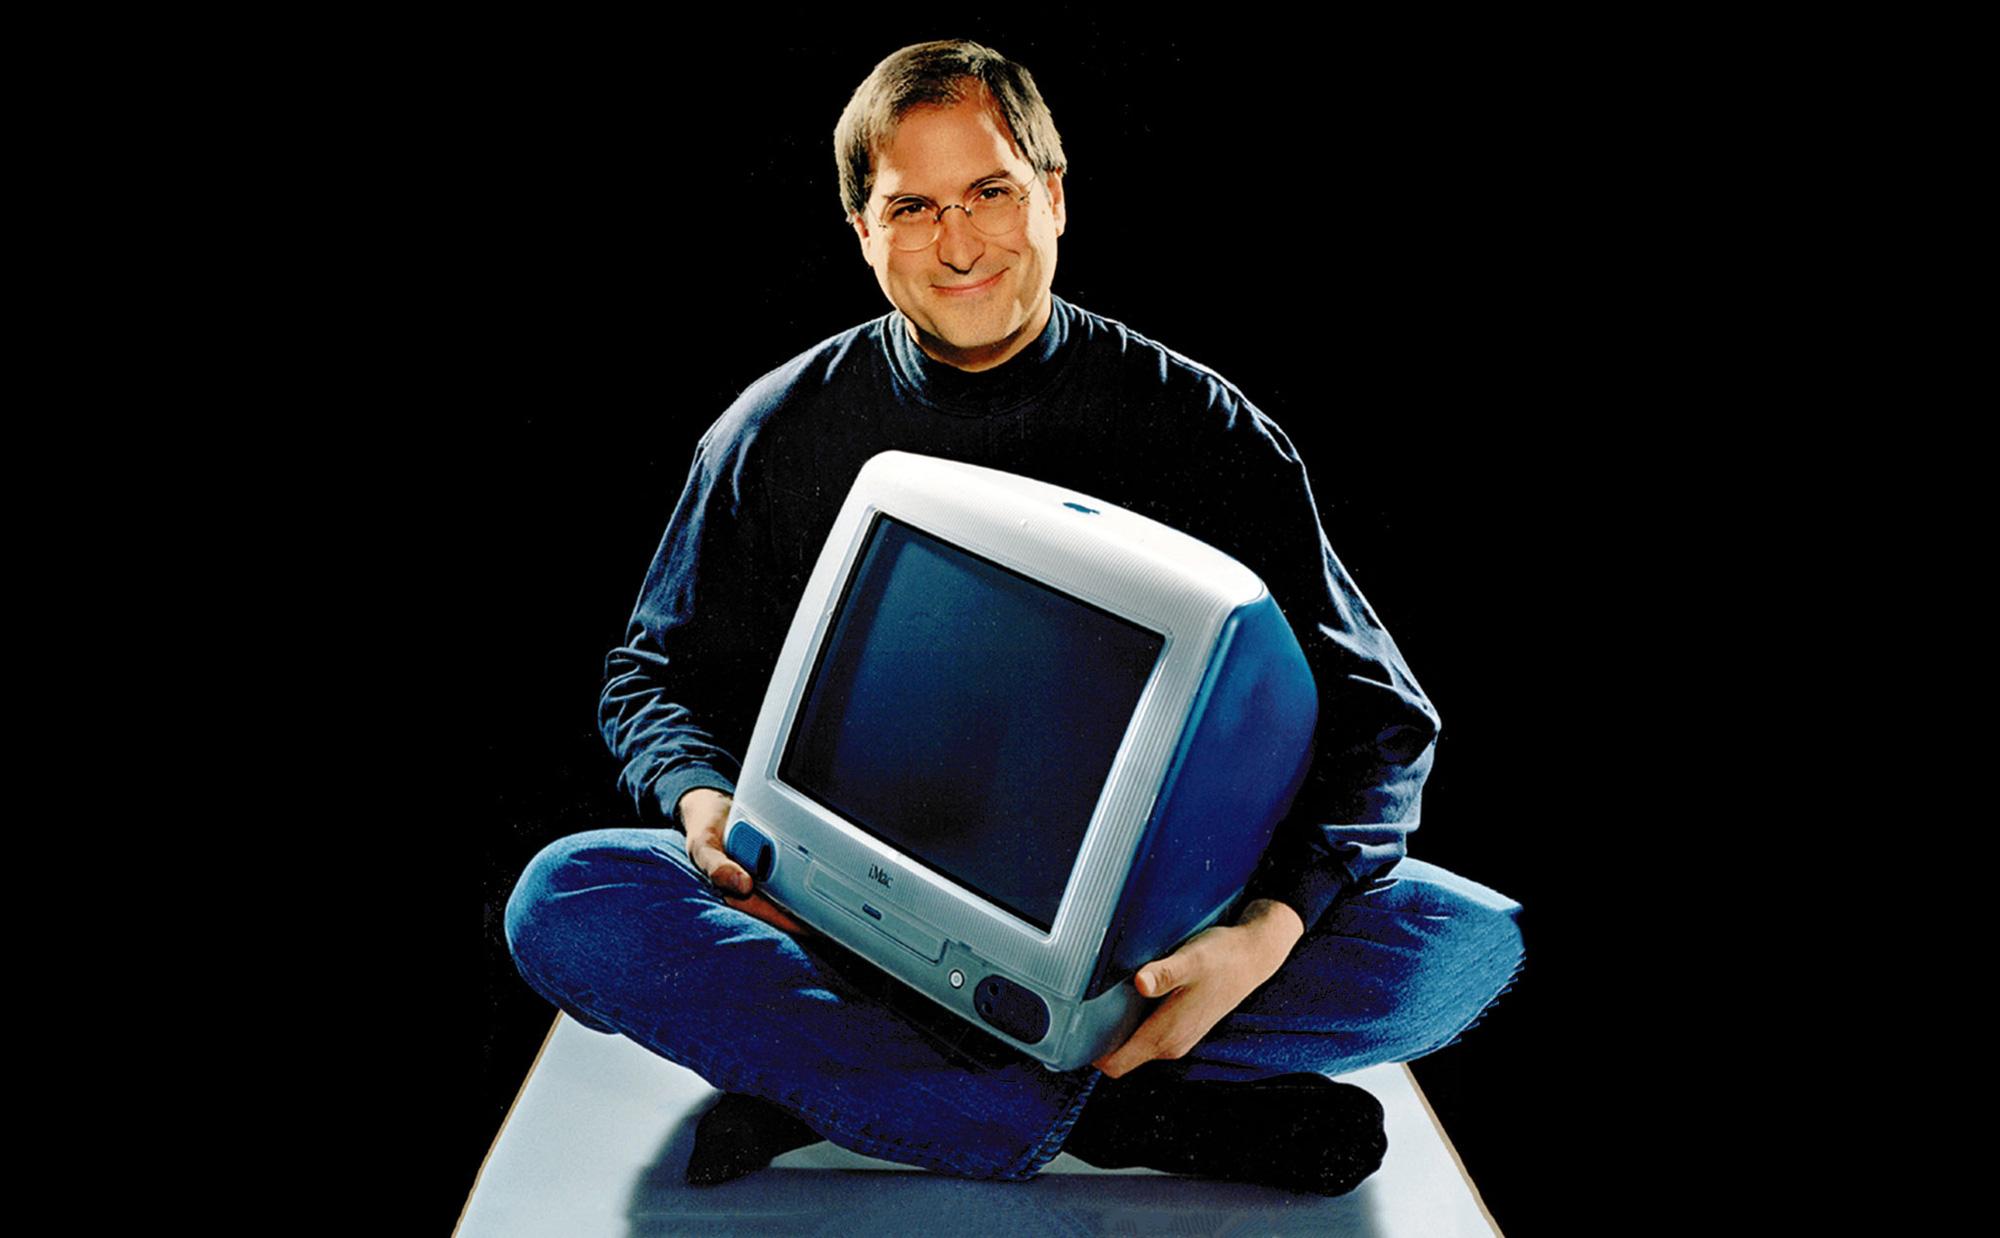 Steve Jobs và chiếc iMac ra mắt năm 1998. Ảnh: @AFP.